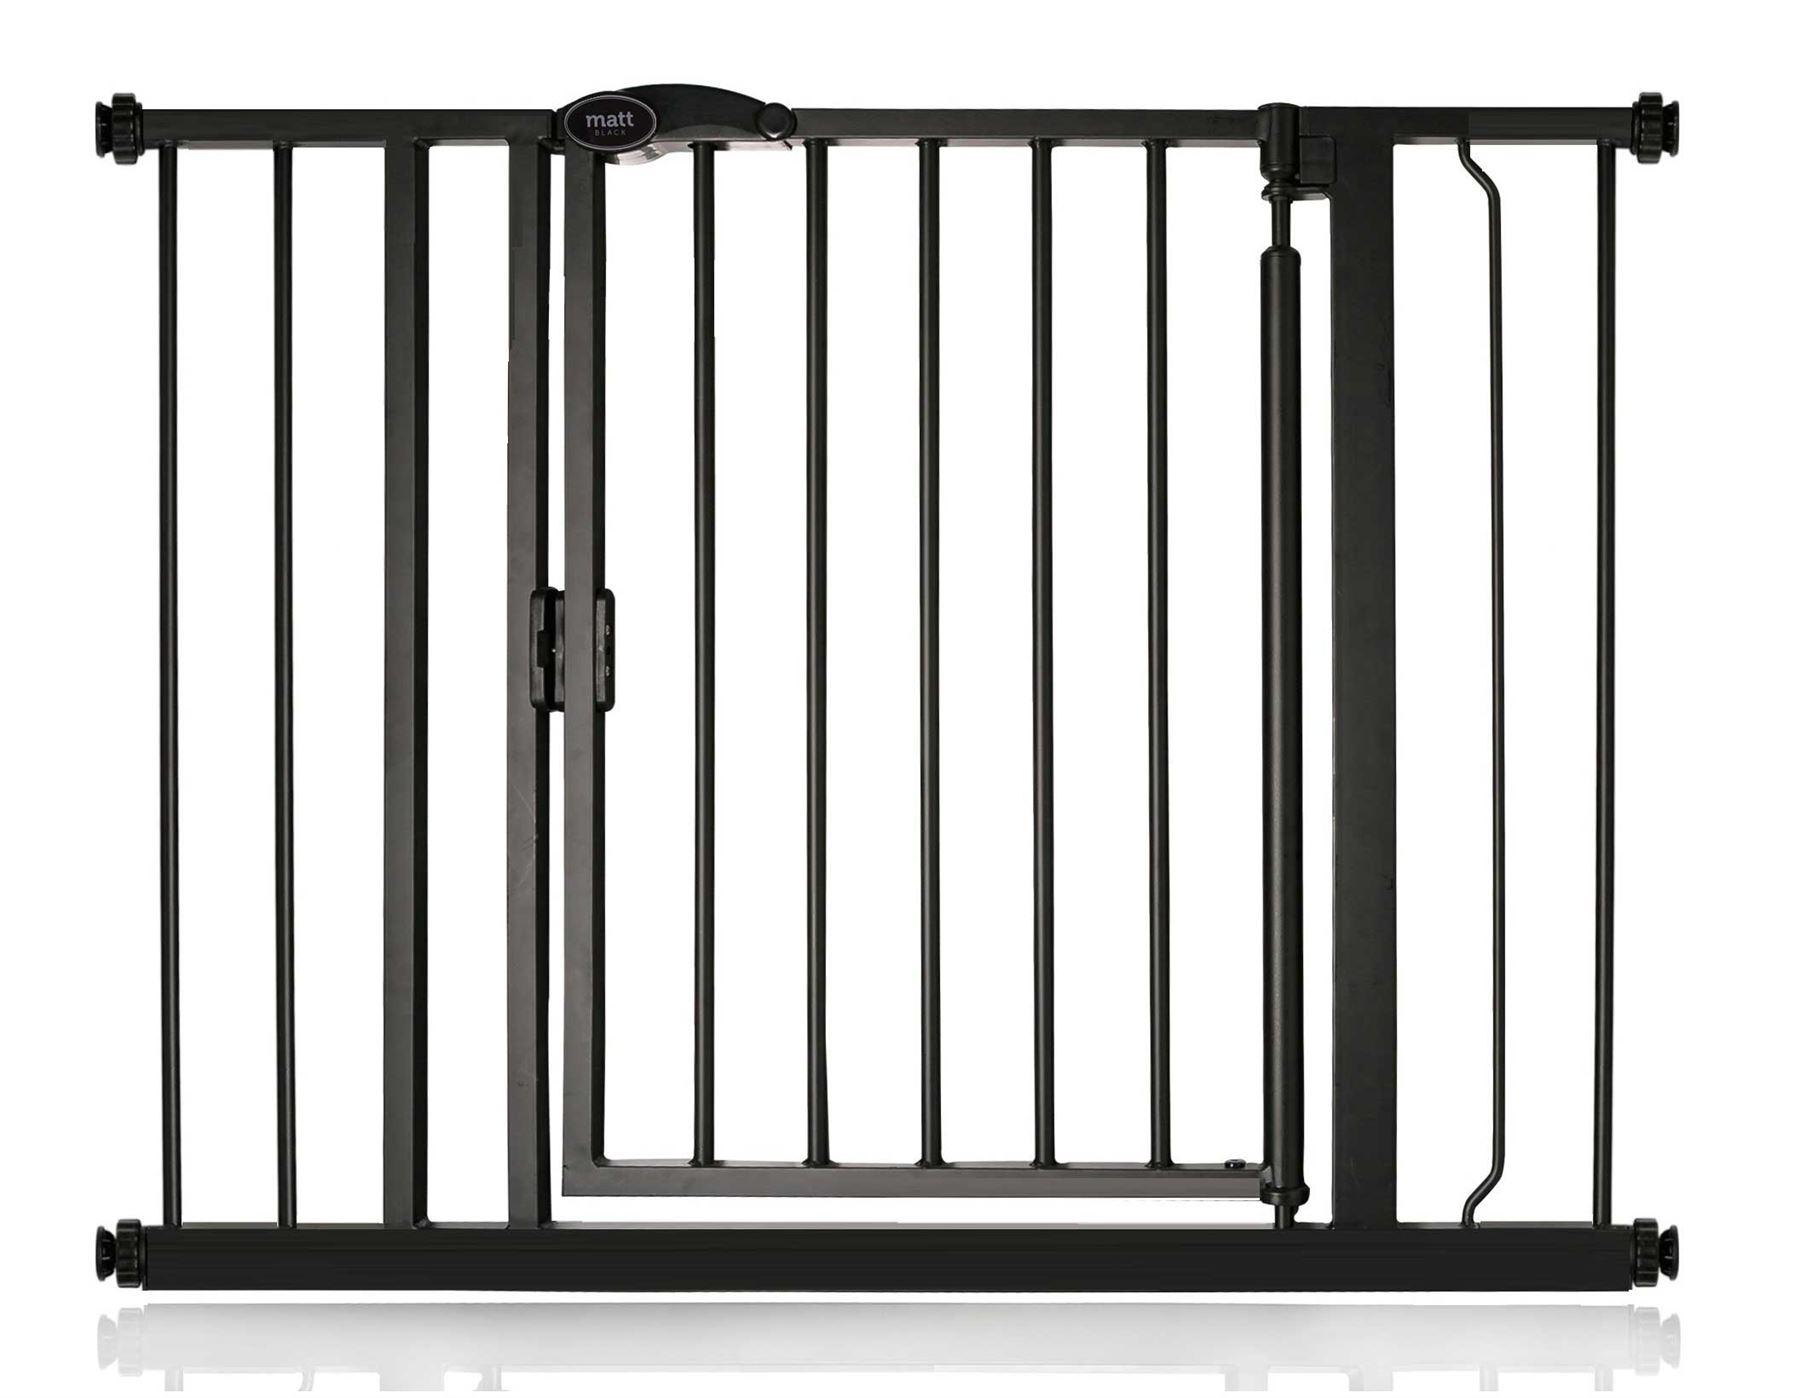 safetots auto close barri re de s curit pour escaliers portes noir mat 61 162cm ebay. Black Bedroom Furniture Sets. Home Design Ideas